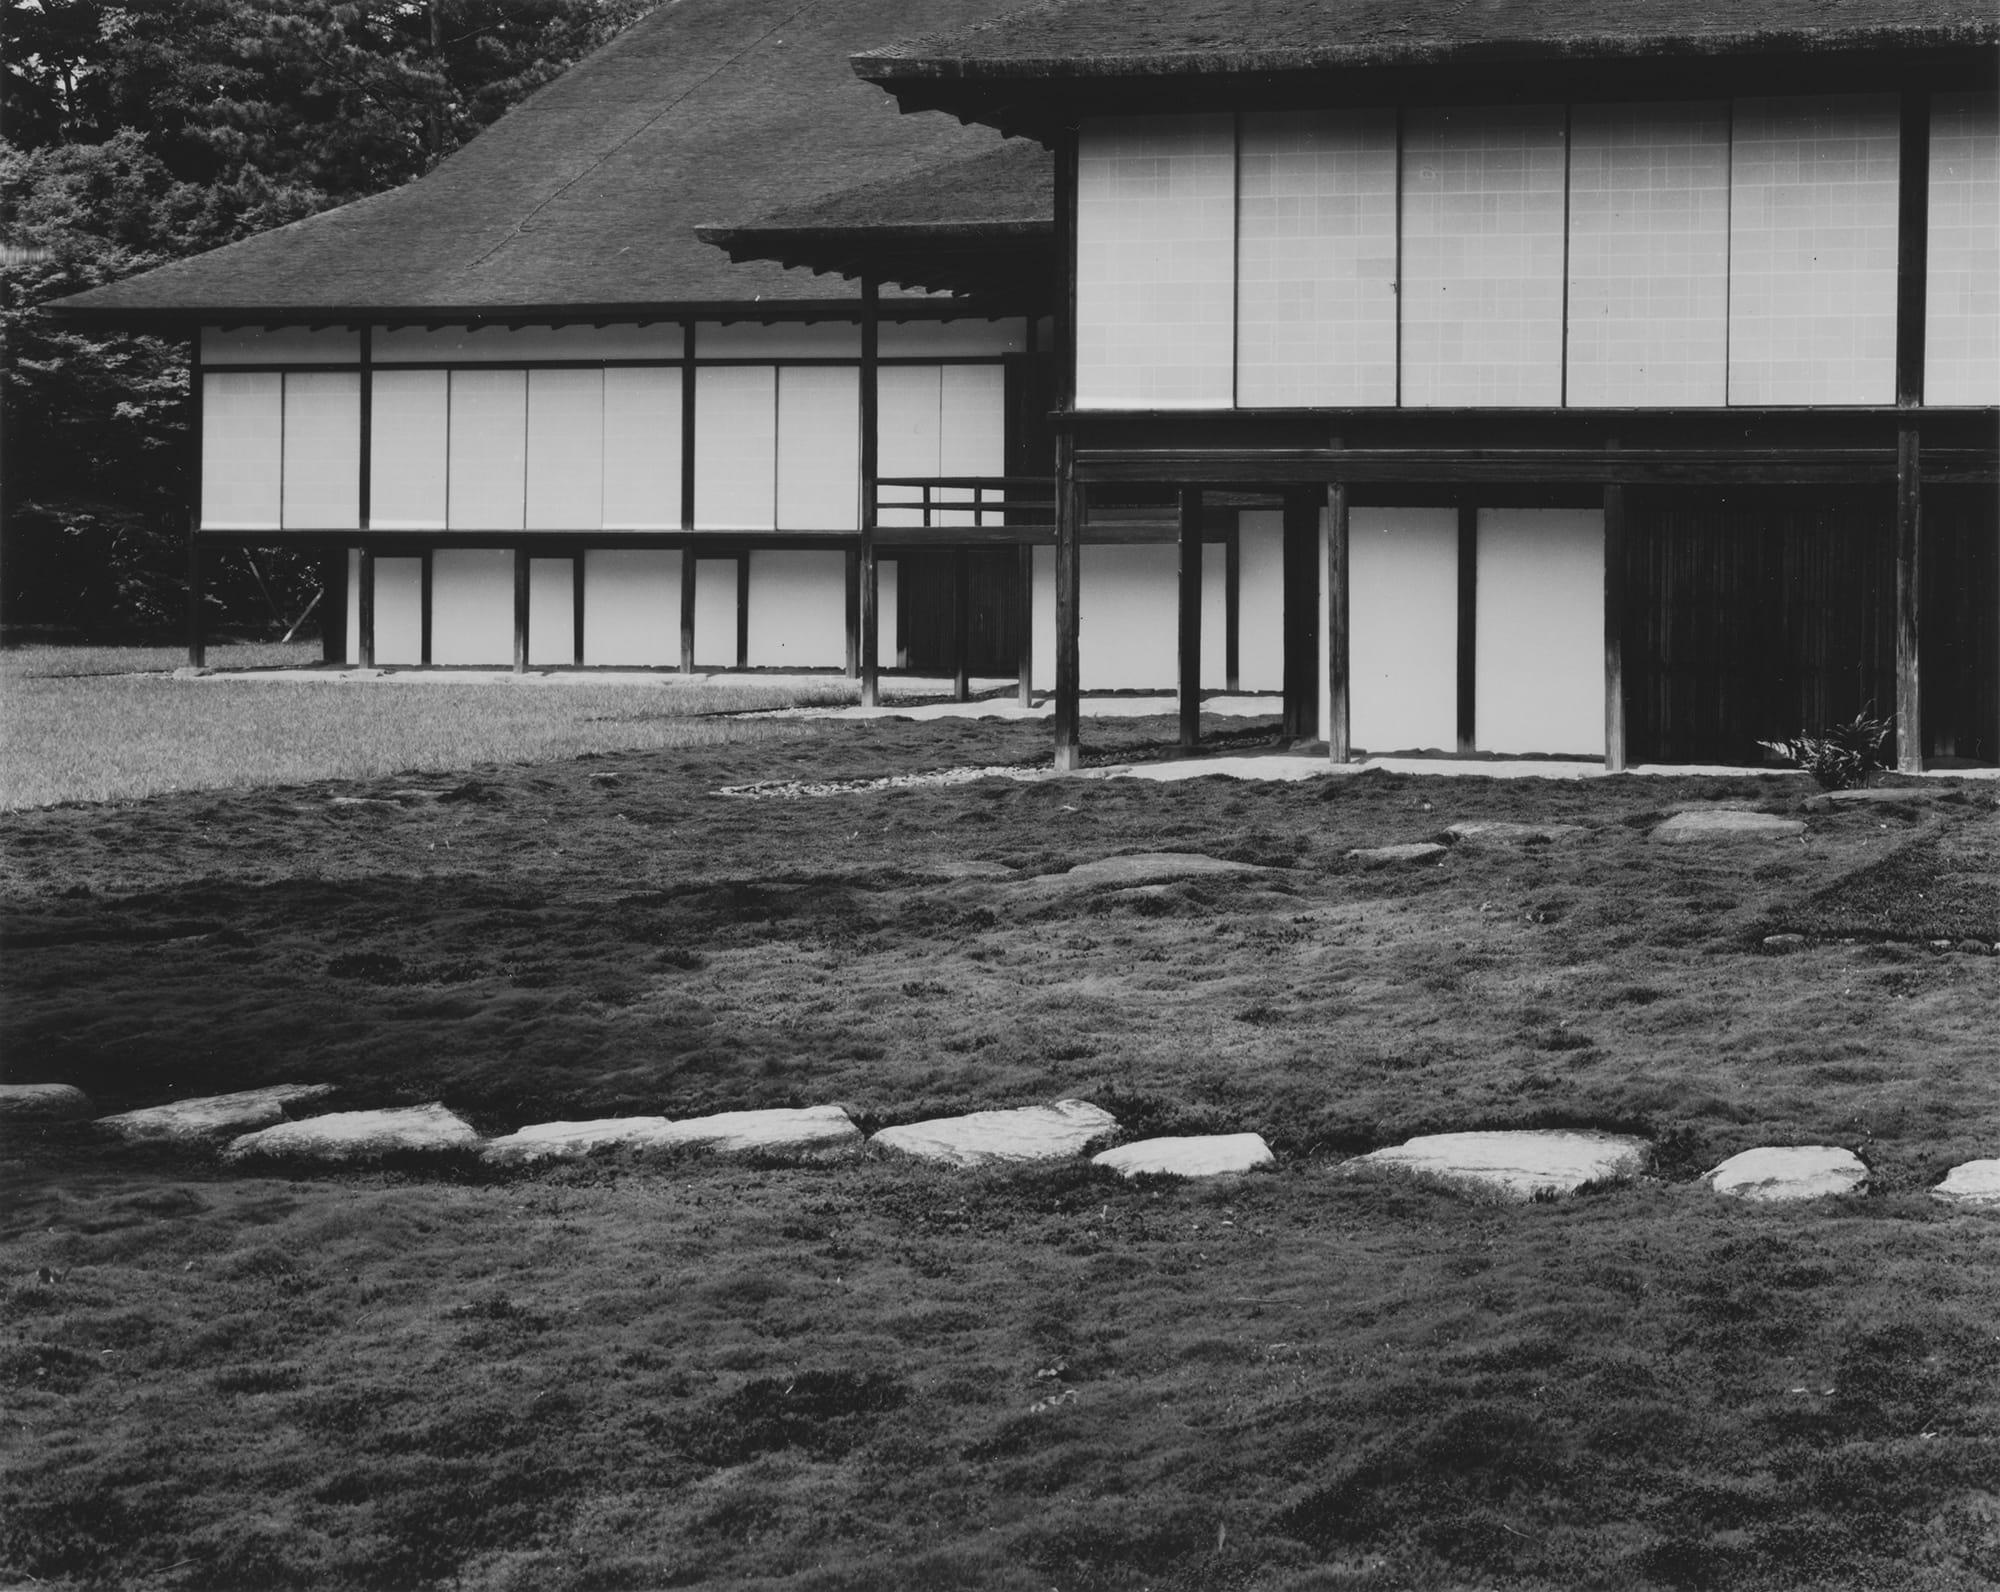 写された思想、視ることの超越……50年来の友人たちが遺した「Photography」に寄せて | 《桂離宮 中書院東の庭から中書院、楽器の間、新御殿を望む》ゼラチン・シルバー・プリント 1953,54年  ©️高知県,石元泰博フォトセンター 高知県立美術館蔵